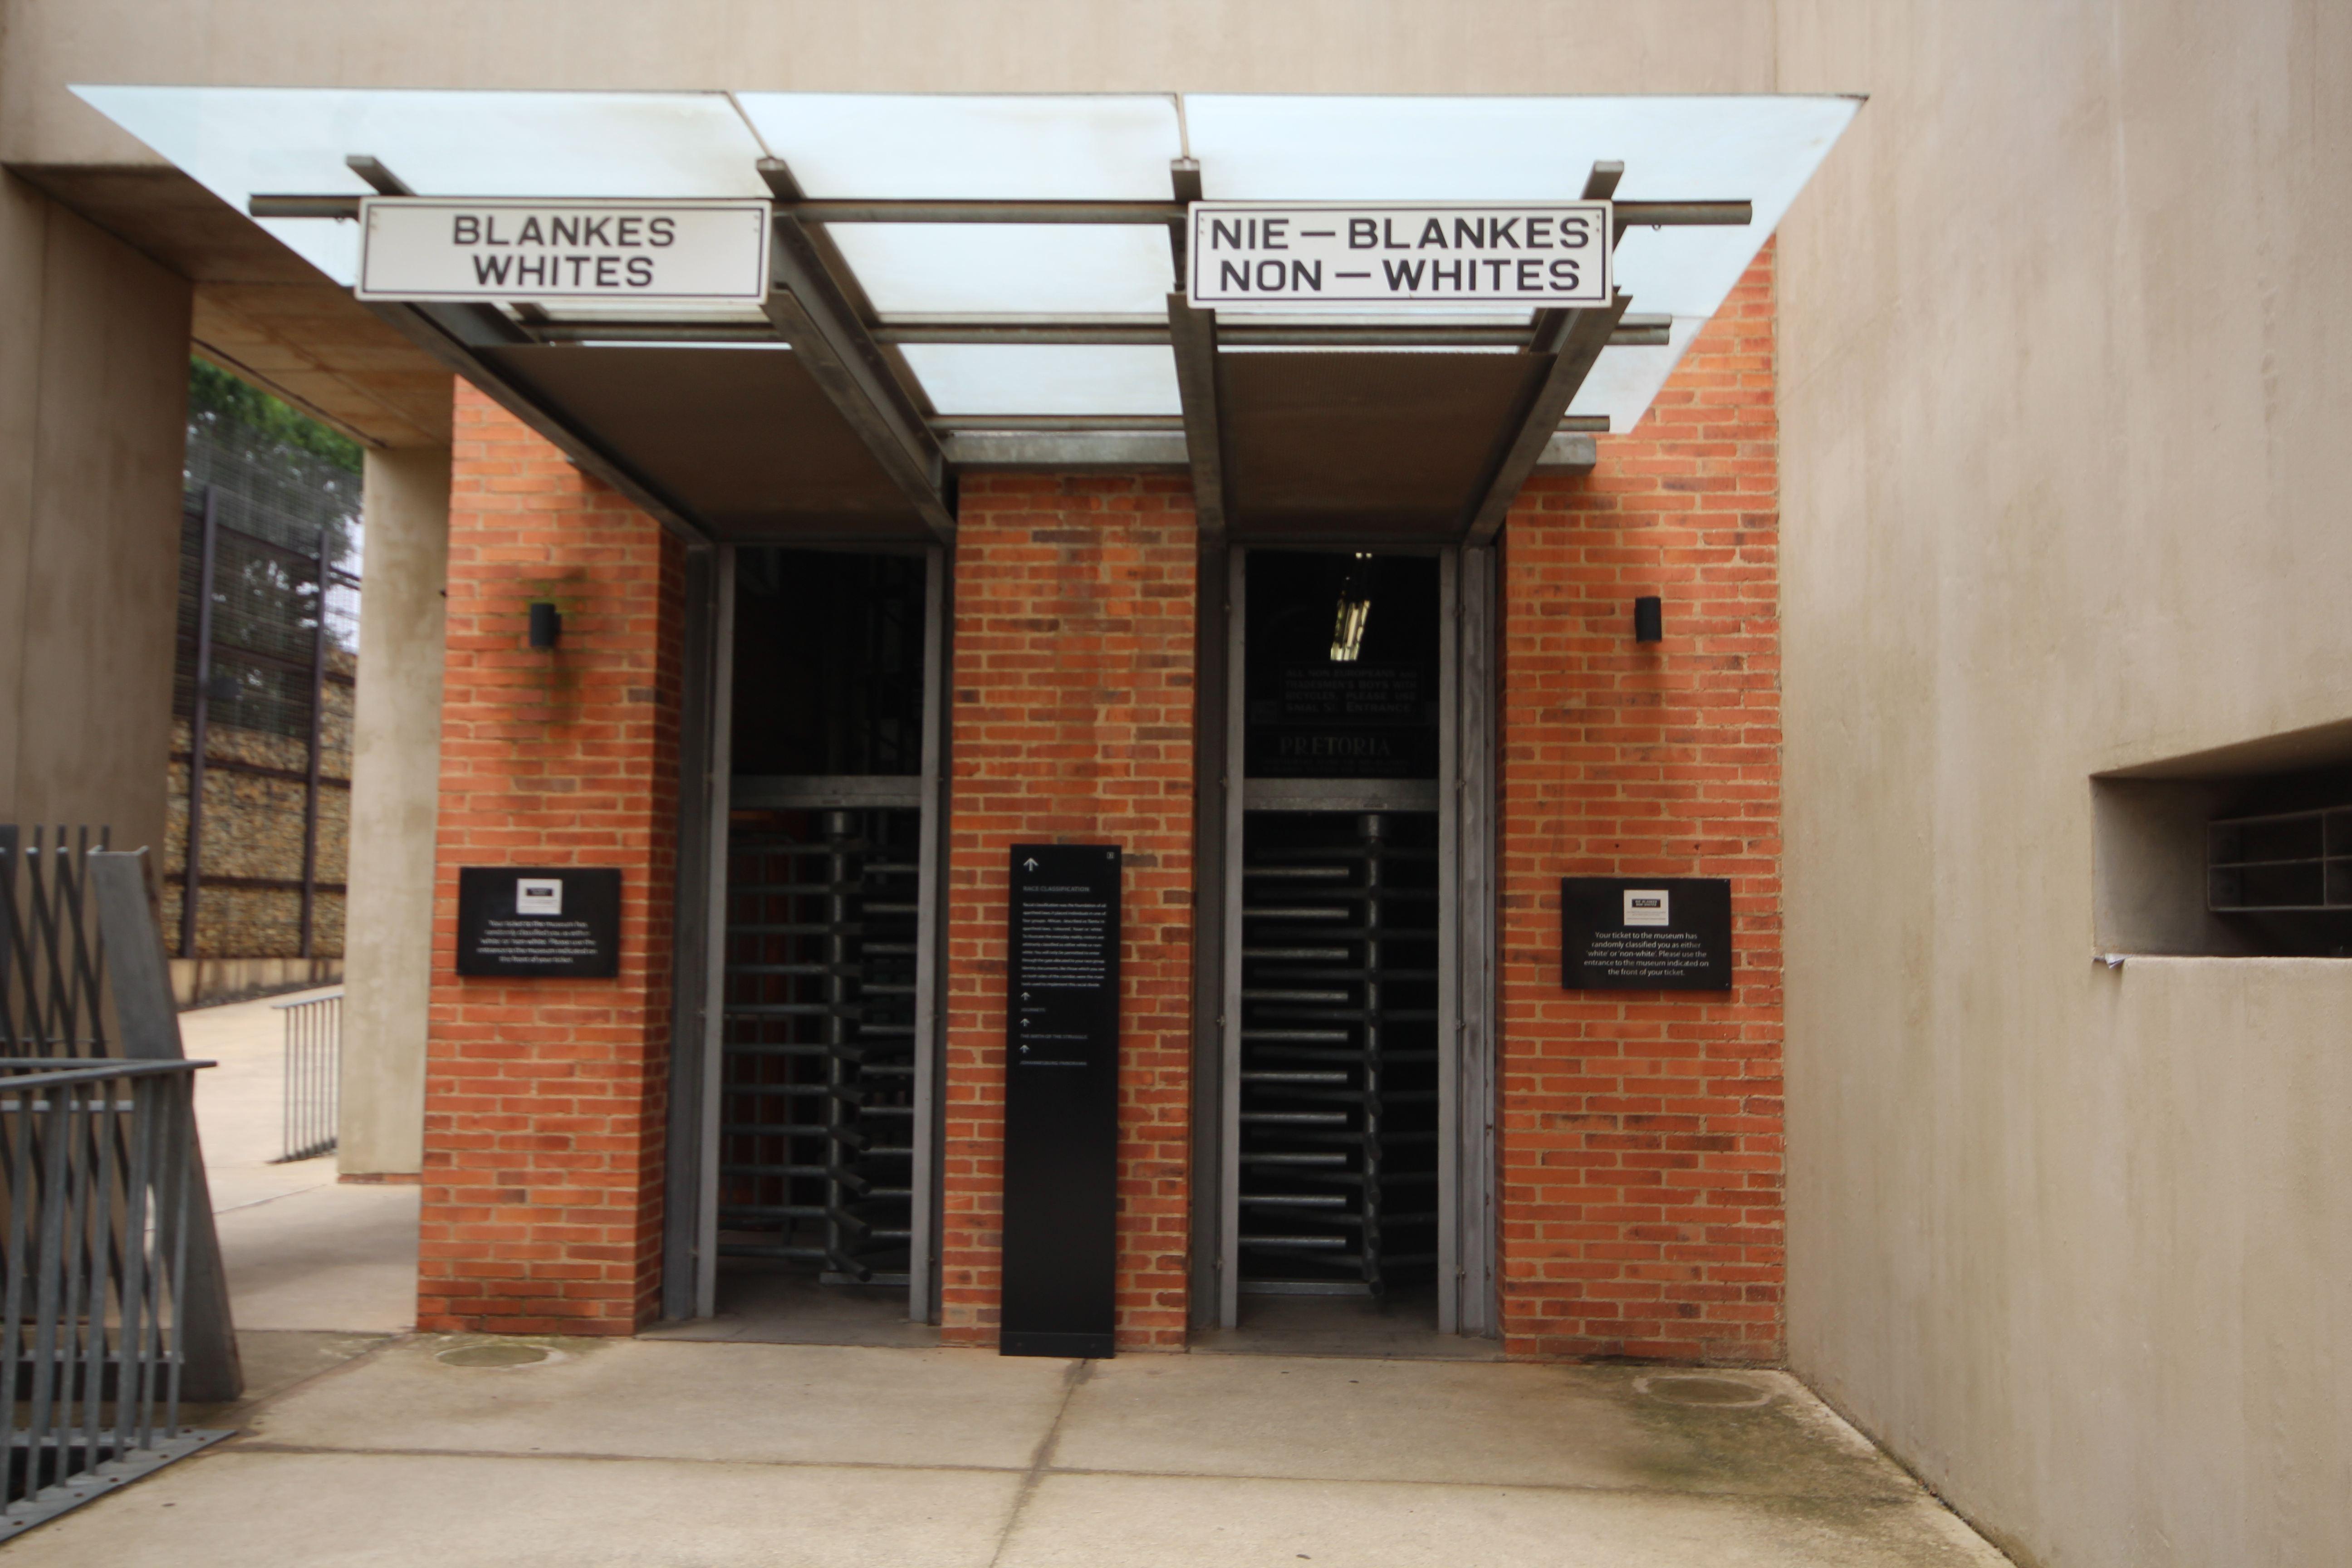 O Apartheid Museum possui duas portas de entrada: Uma para brancos e outra para não brancos.